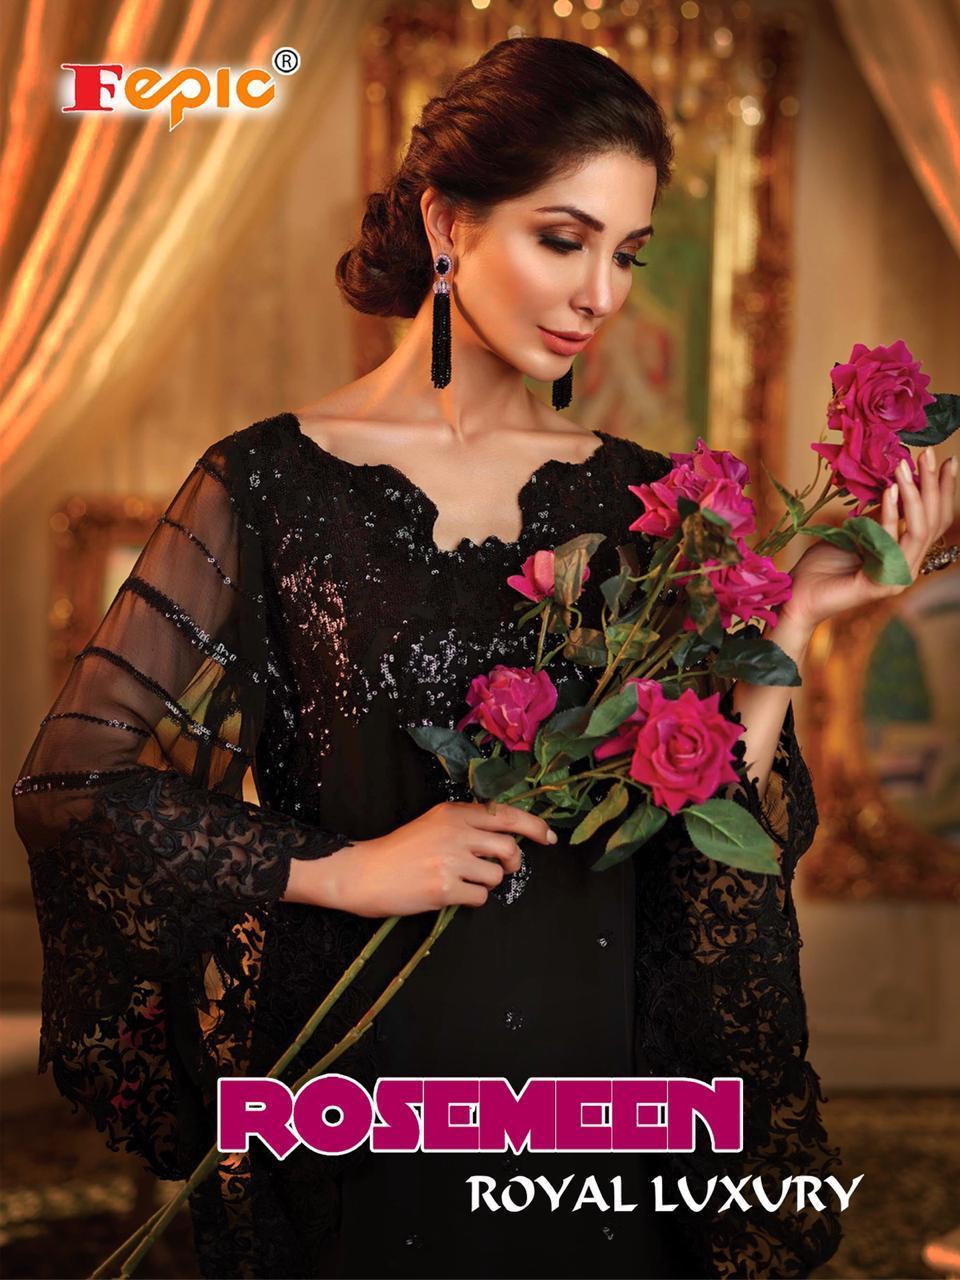 Fepic Rosemeen Royal Luxury Georgette Suits Wholesale